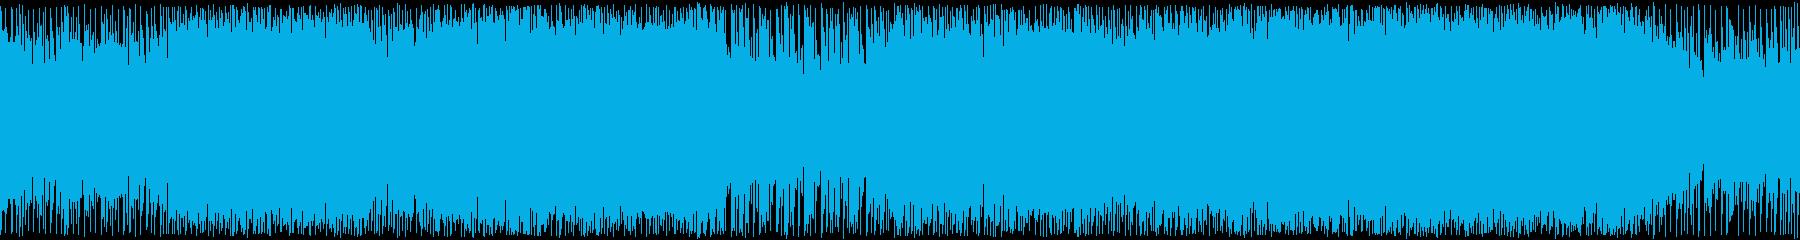 巨大ロボやマシンが飛び交う・躍動する曲の再生済みの波形